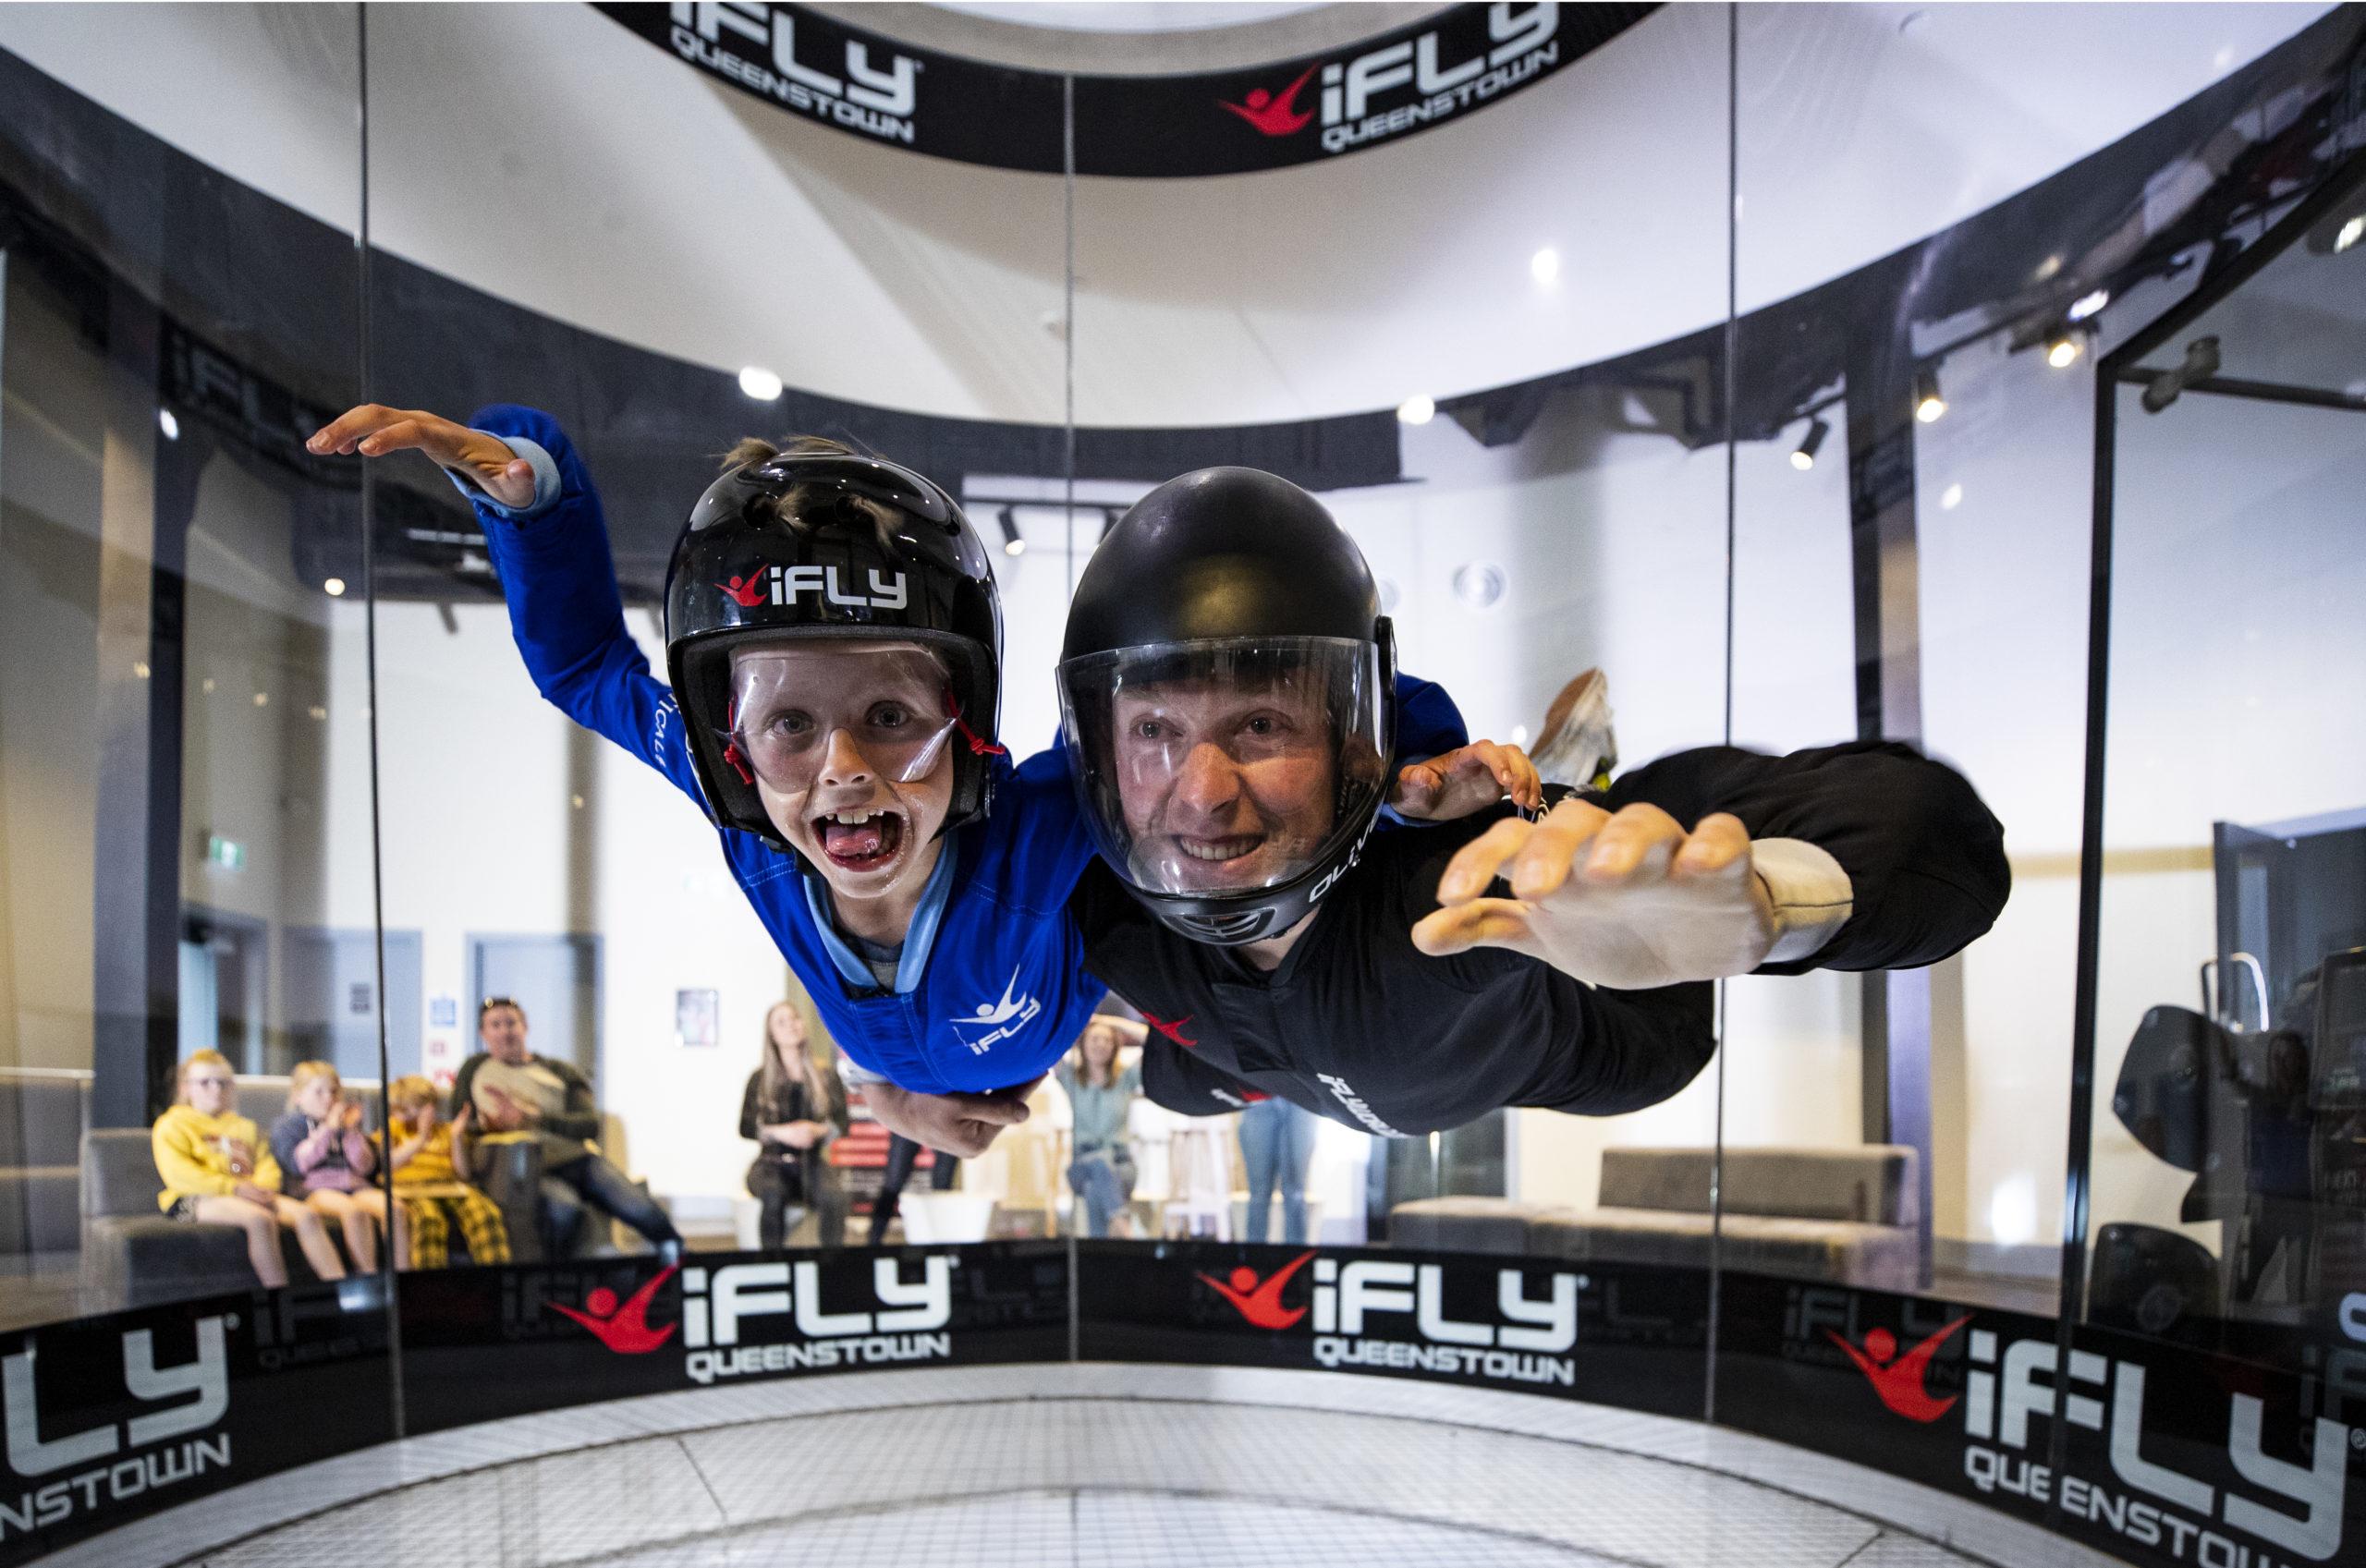 Tandem indoor skydive at IFly Queenstown